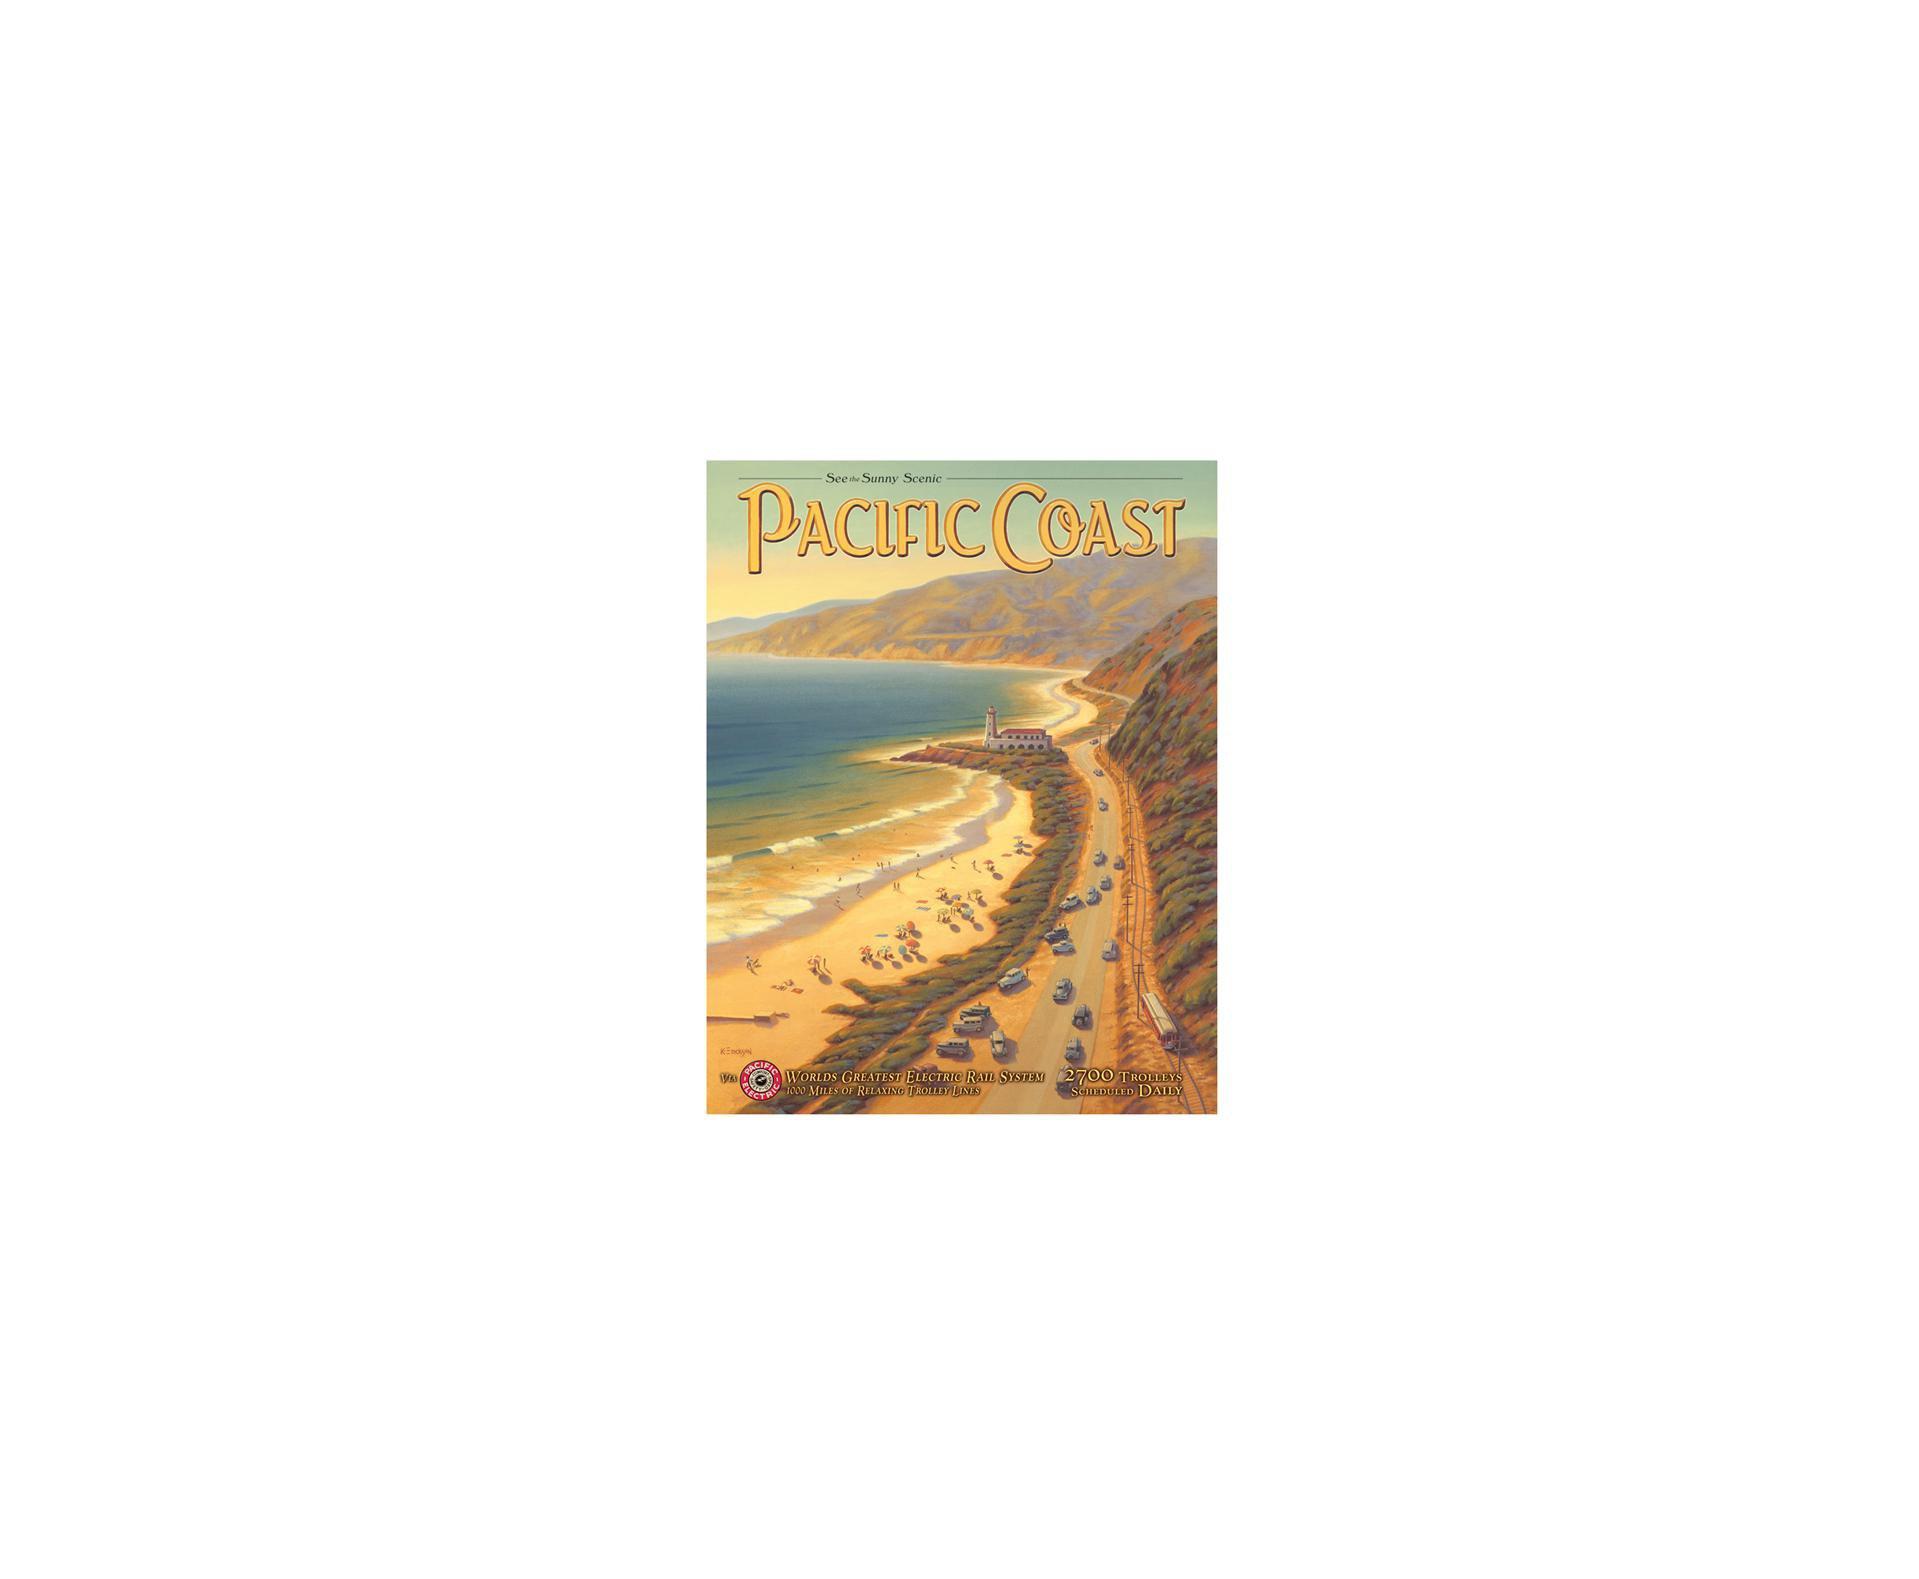 Placa Metálica Decorativa Pacific Coast - Rossi